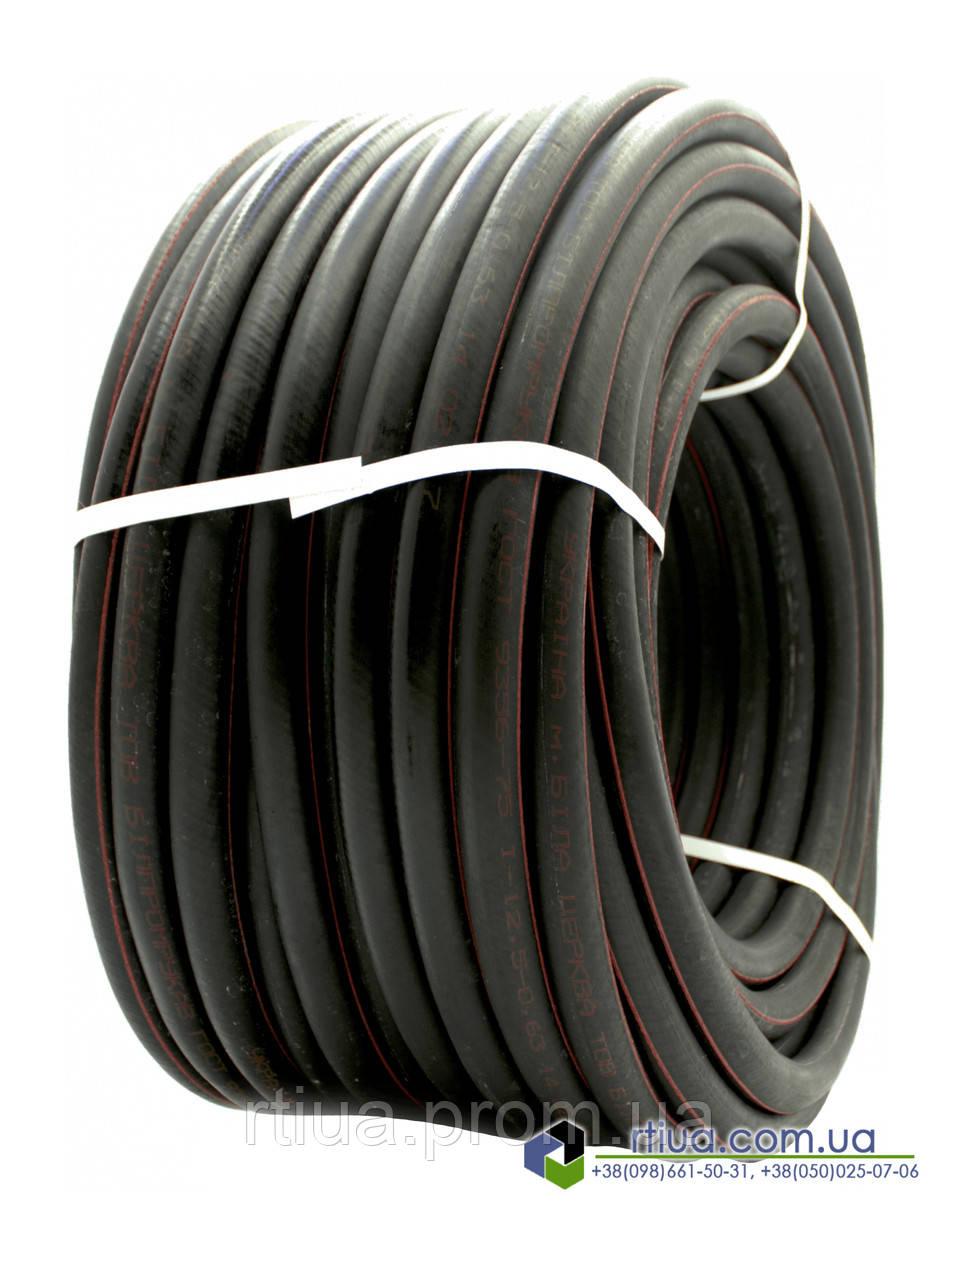 Рукав Ø12,5 мм дляацетилена, газовой сварки и резки металлов